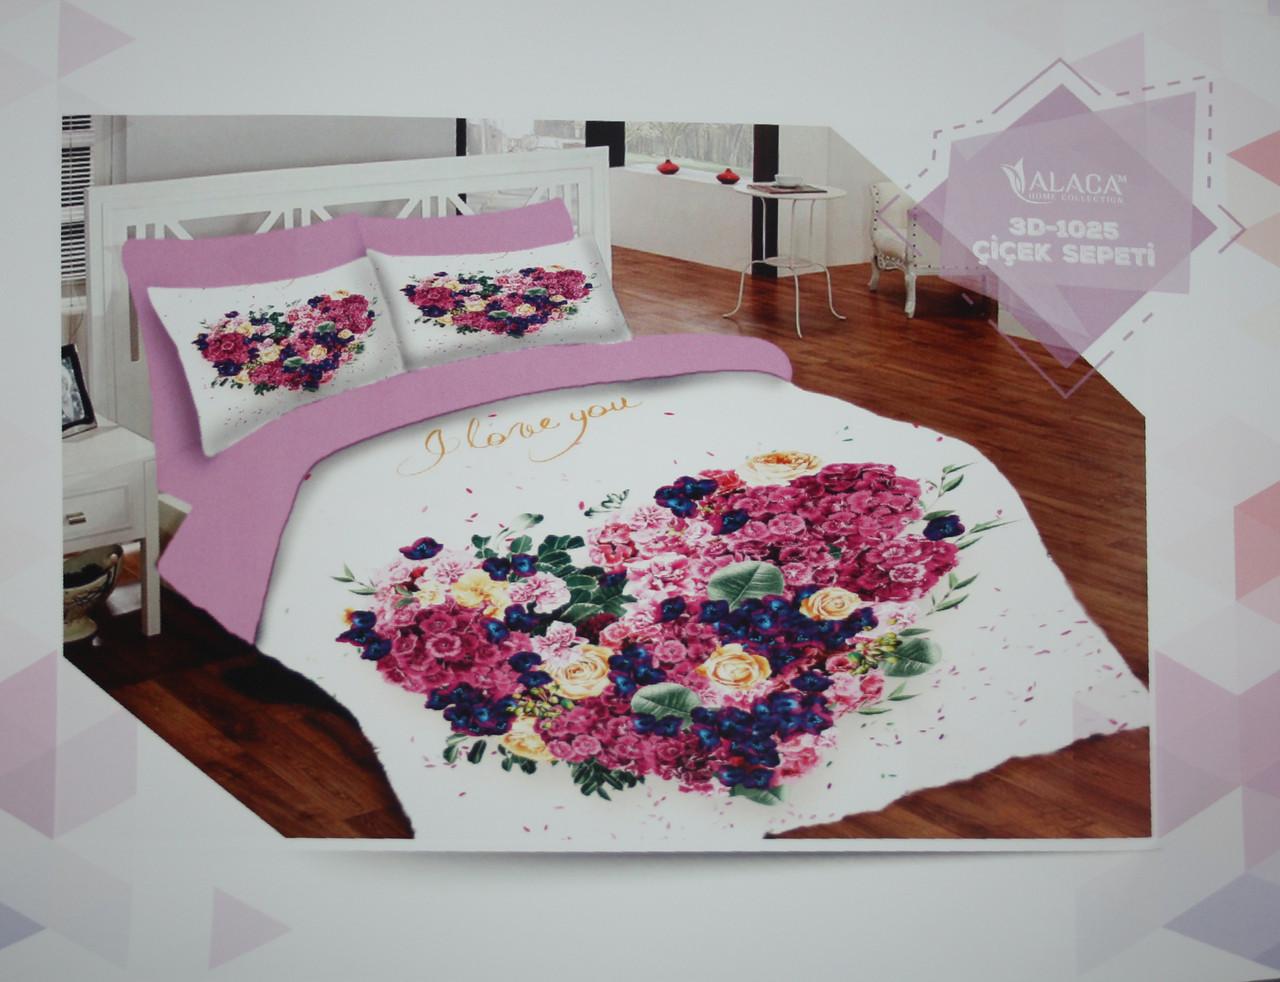 Набор постельного белья с одеялом и подушками ALACA 3D Cicek Sepeti